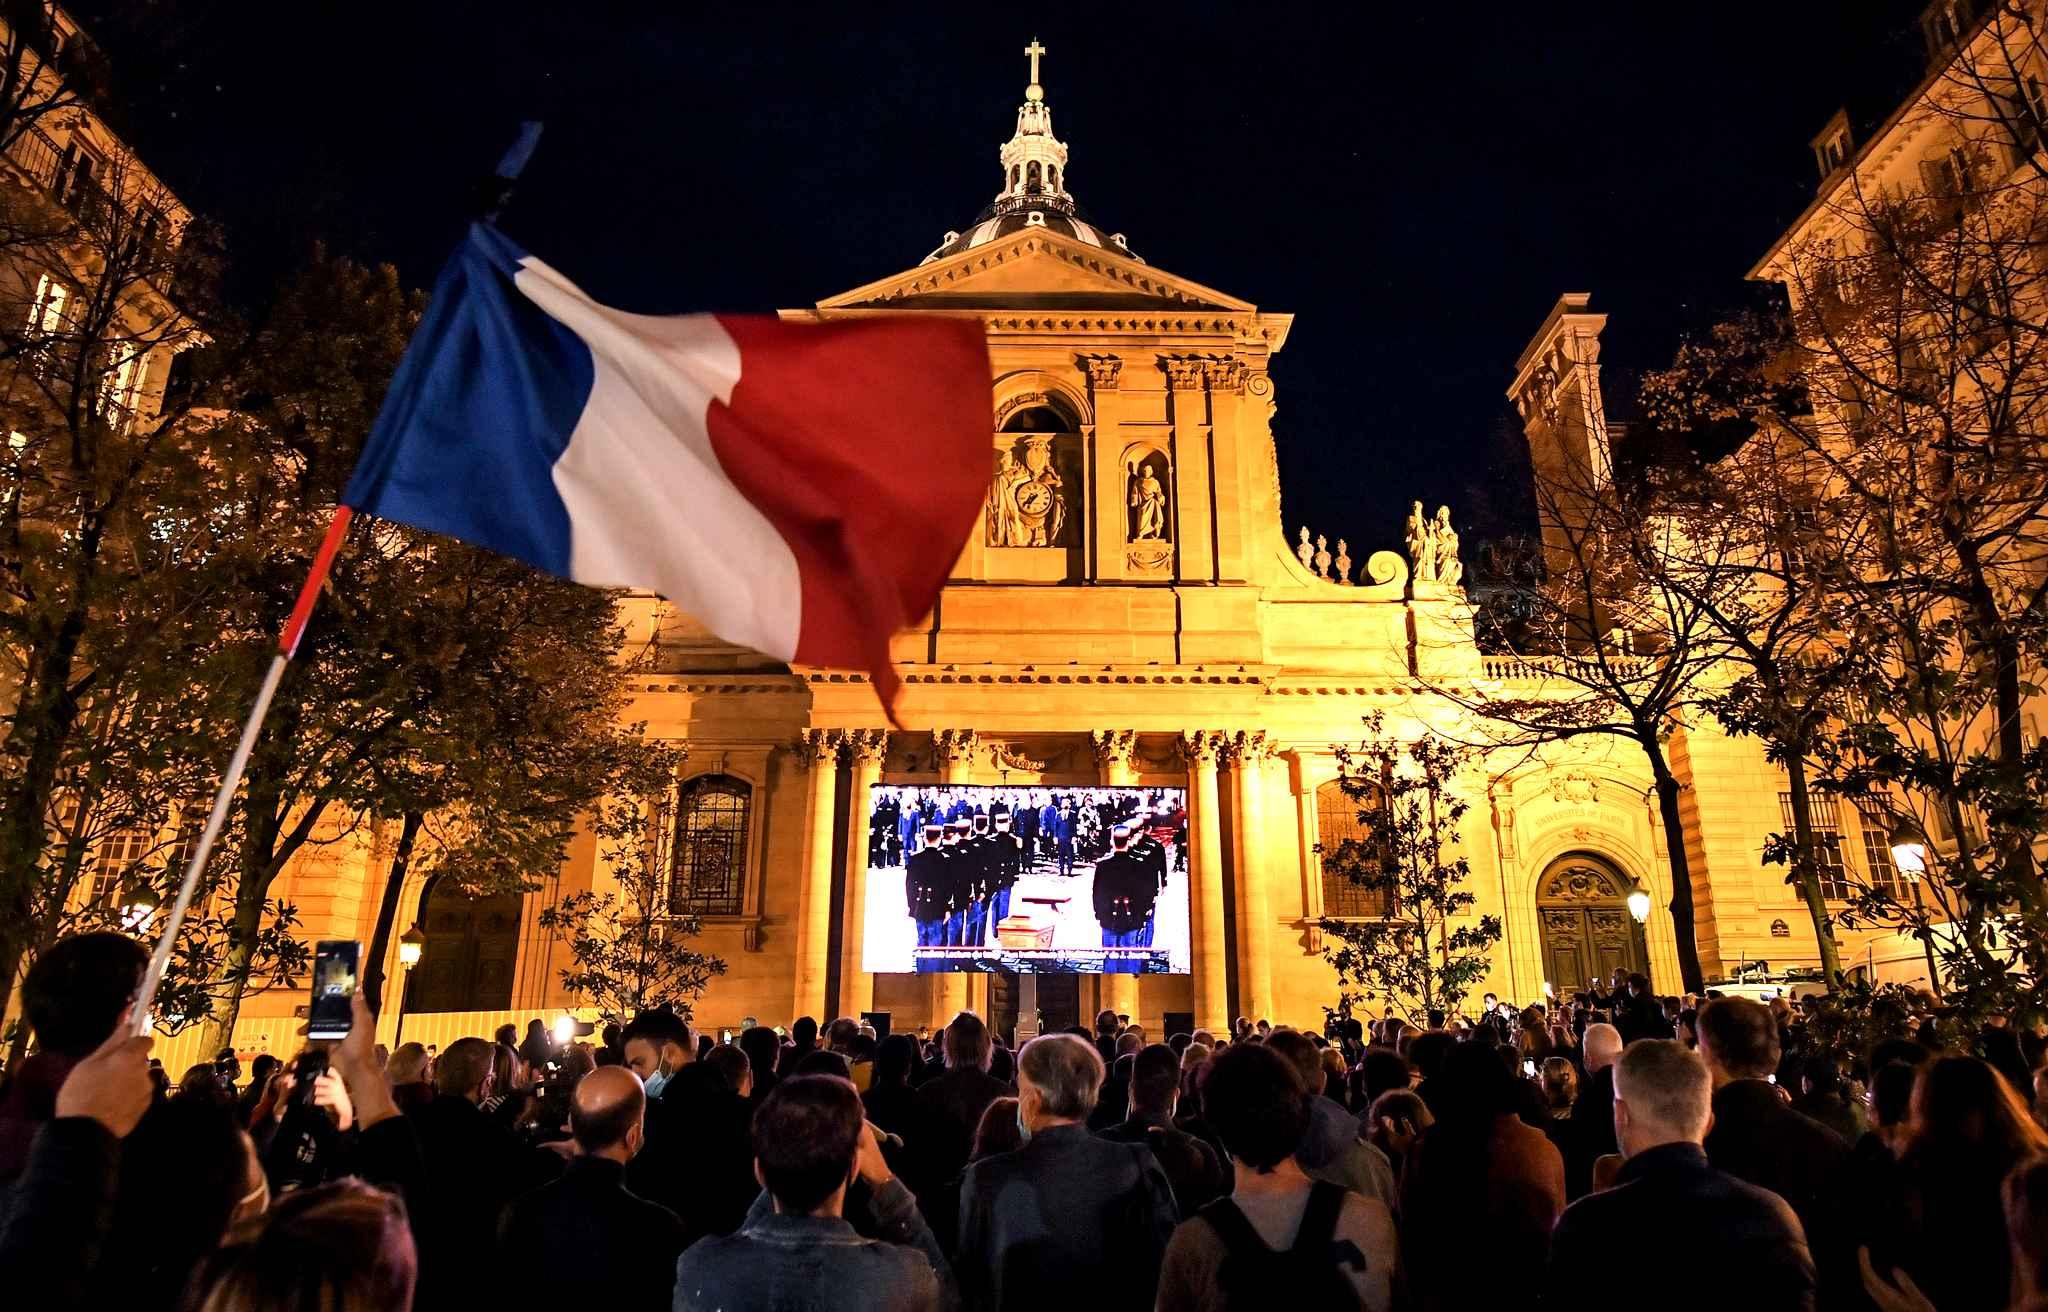 Vue de l'extérieur de la Sorbonne (Paris), au pied d'un écran géant retransmettant la Cérémonie d'hommage à Samuel Paty.